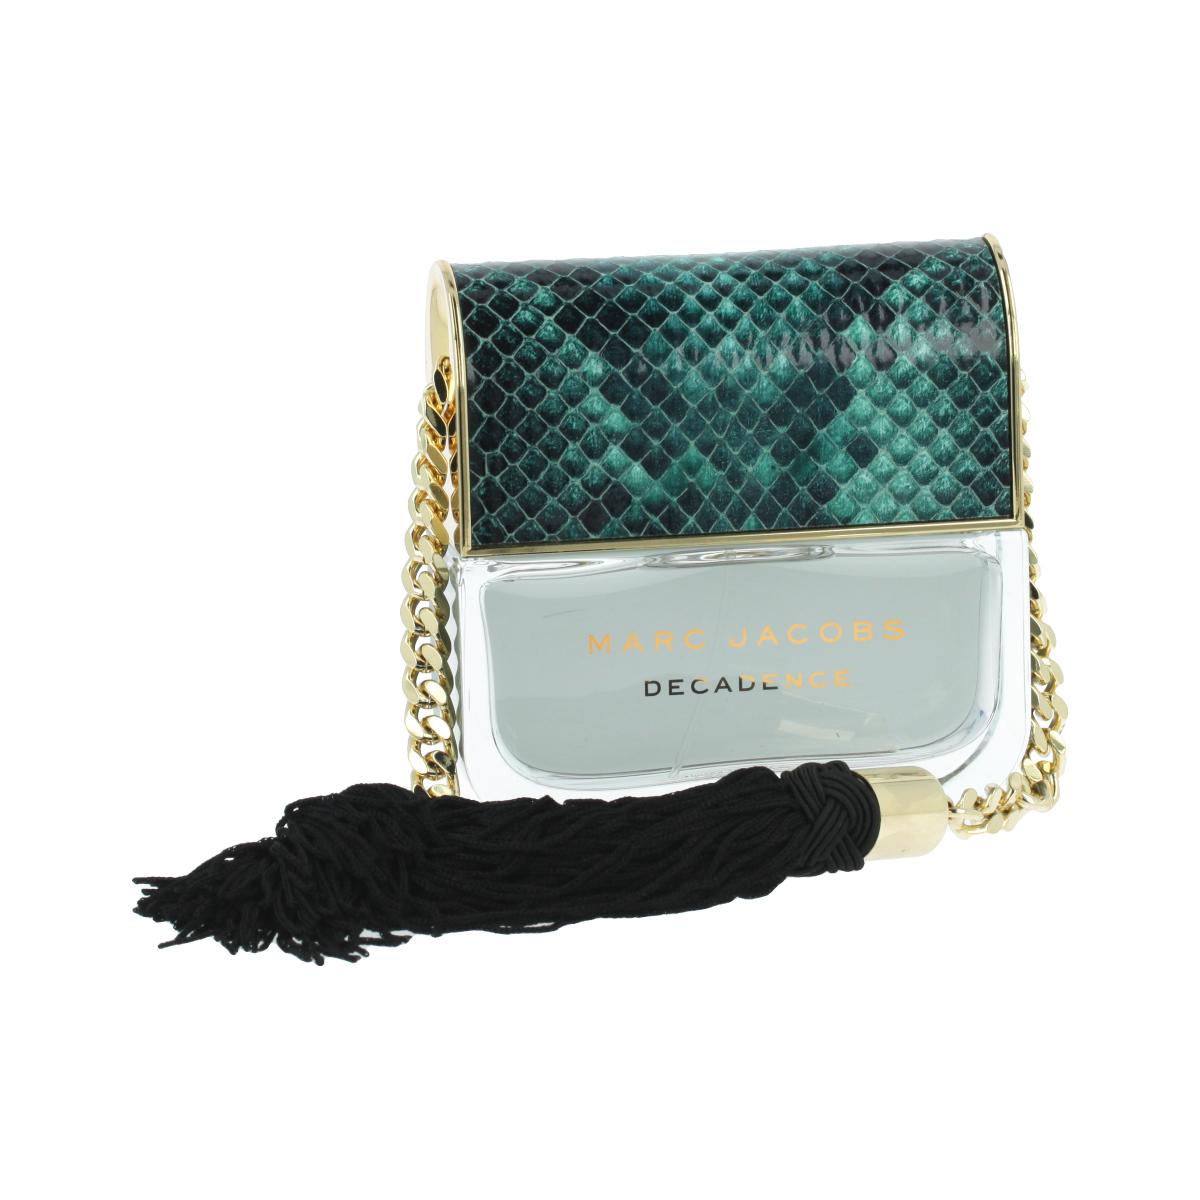 Marc Jacobs Divine Decadence Eau De Parfum 50 ml (woman) 86324